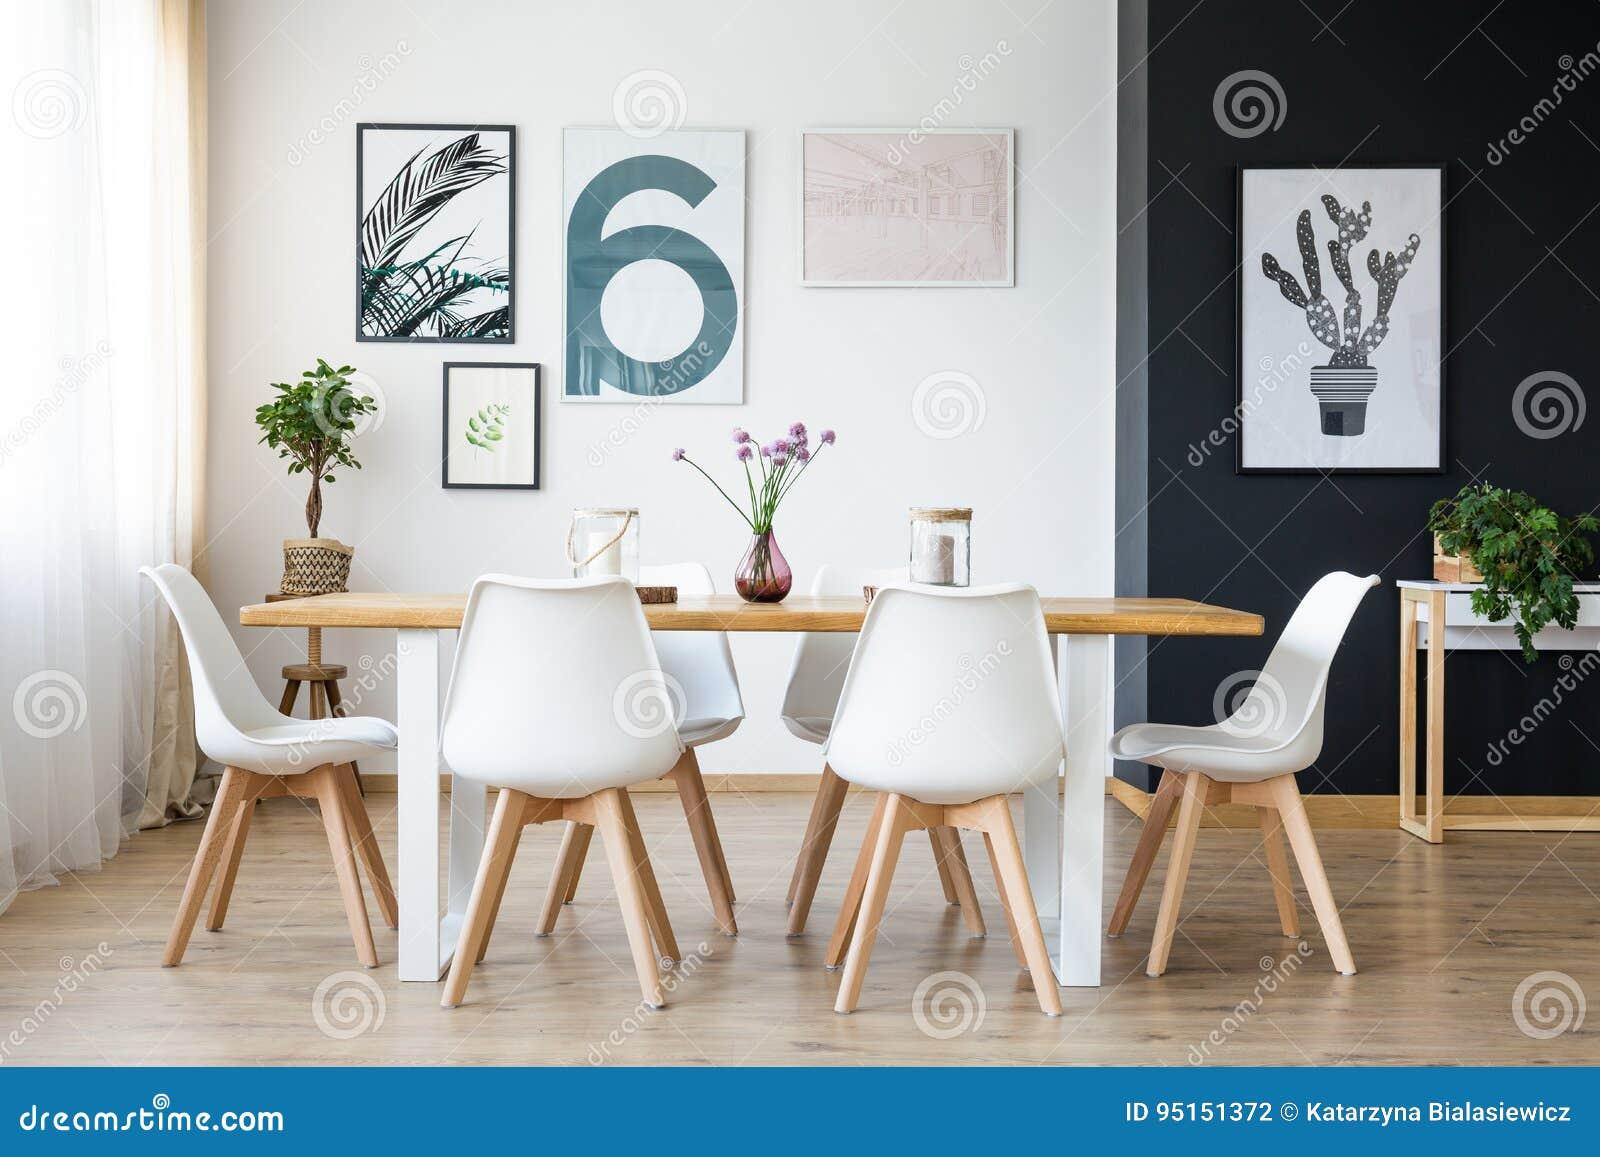 Tabelle mit Stühlen